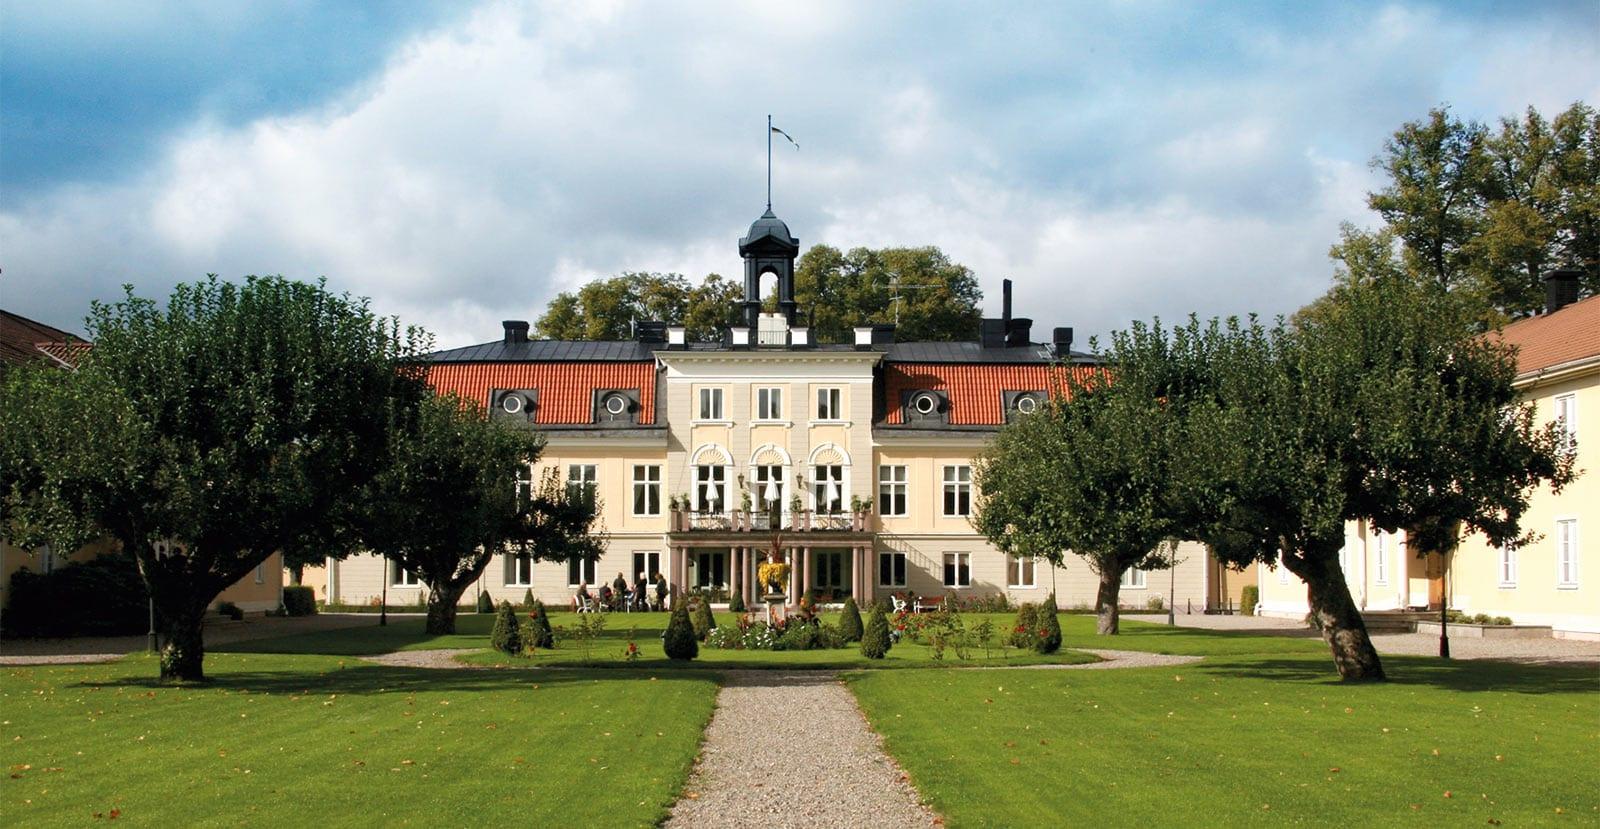 Rösta på Södertuna Slott till Årets Slottshotell 2018 - vinn en lyxig slottsweekend